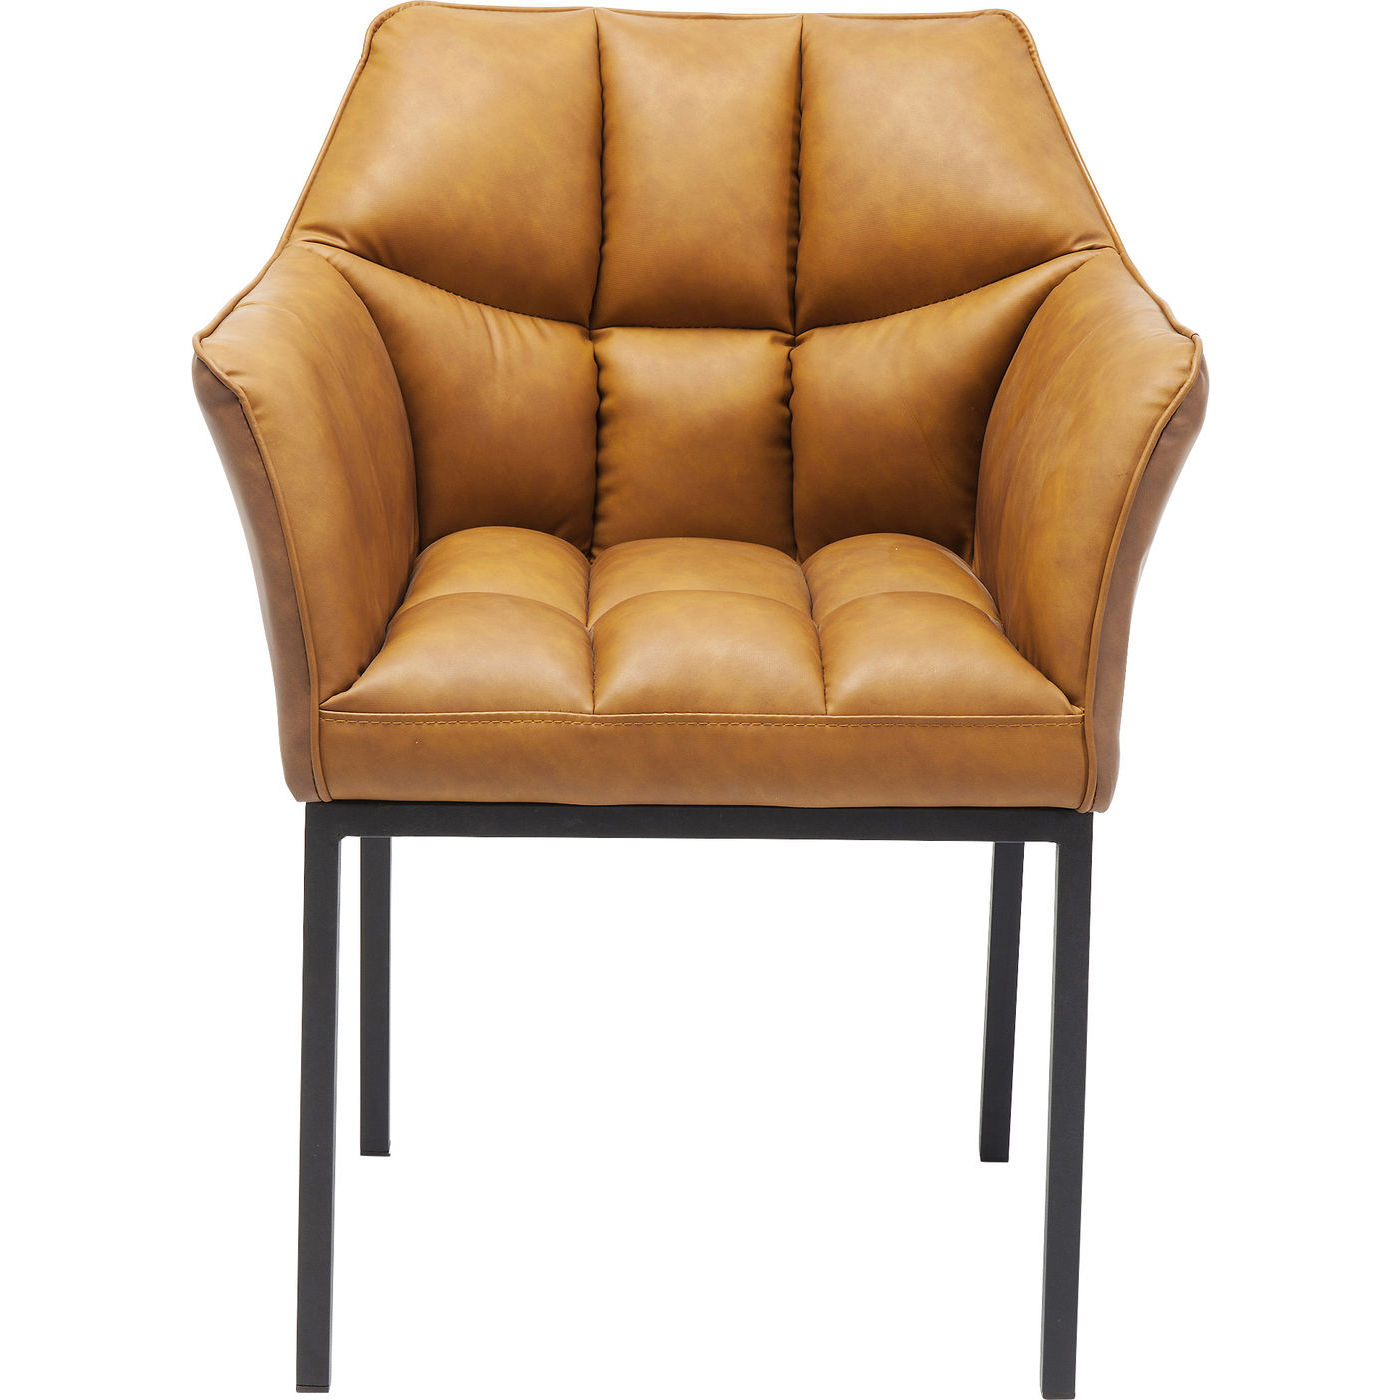 Kare design thinktank brown lænestol - brunt kunstlæder/stål, m. armlæn fra kare design på boboonline.dk